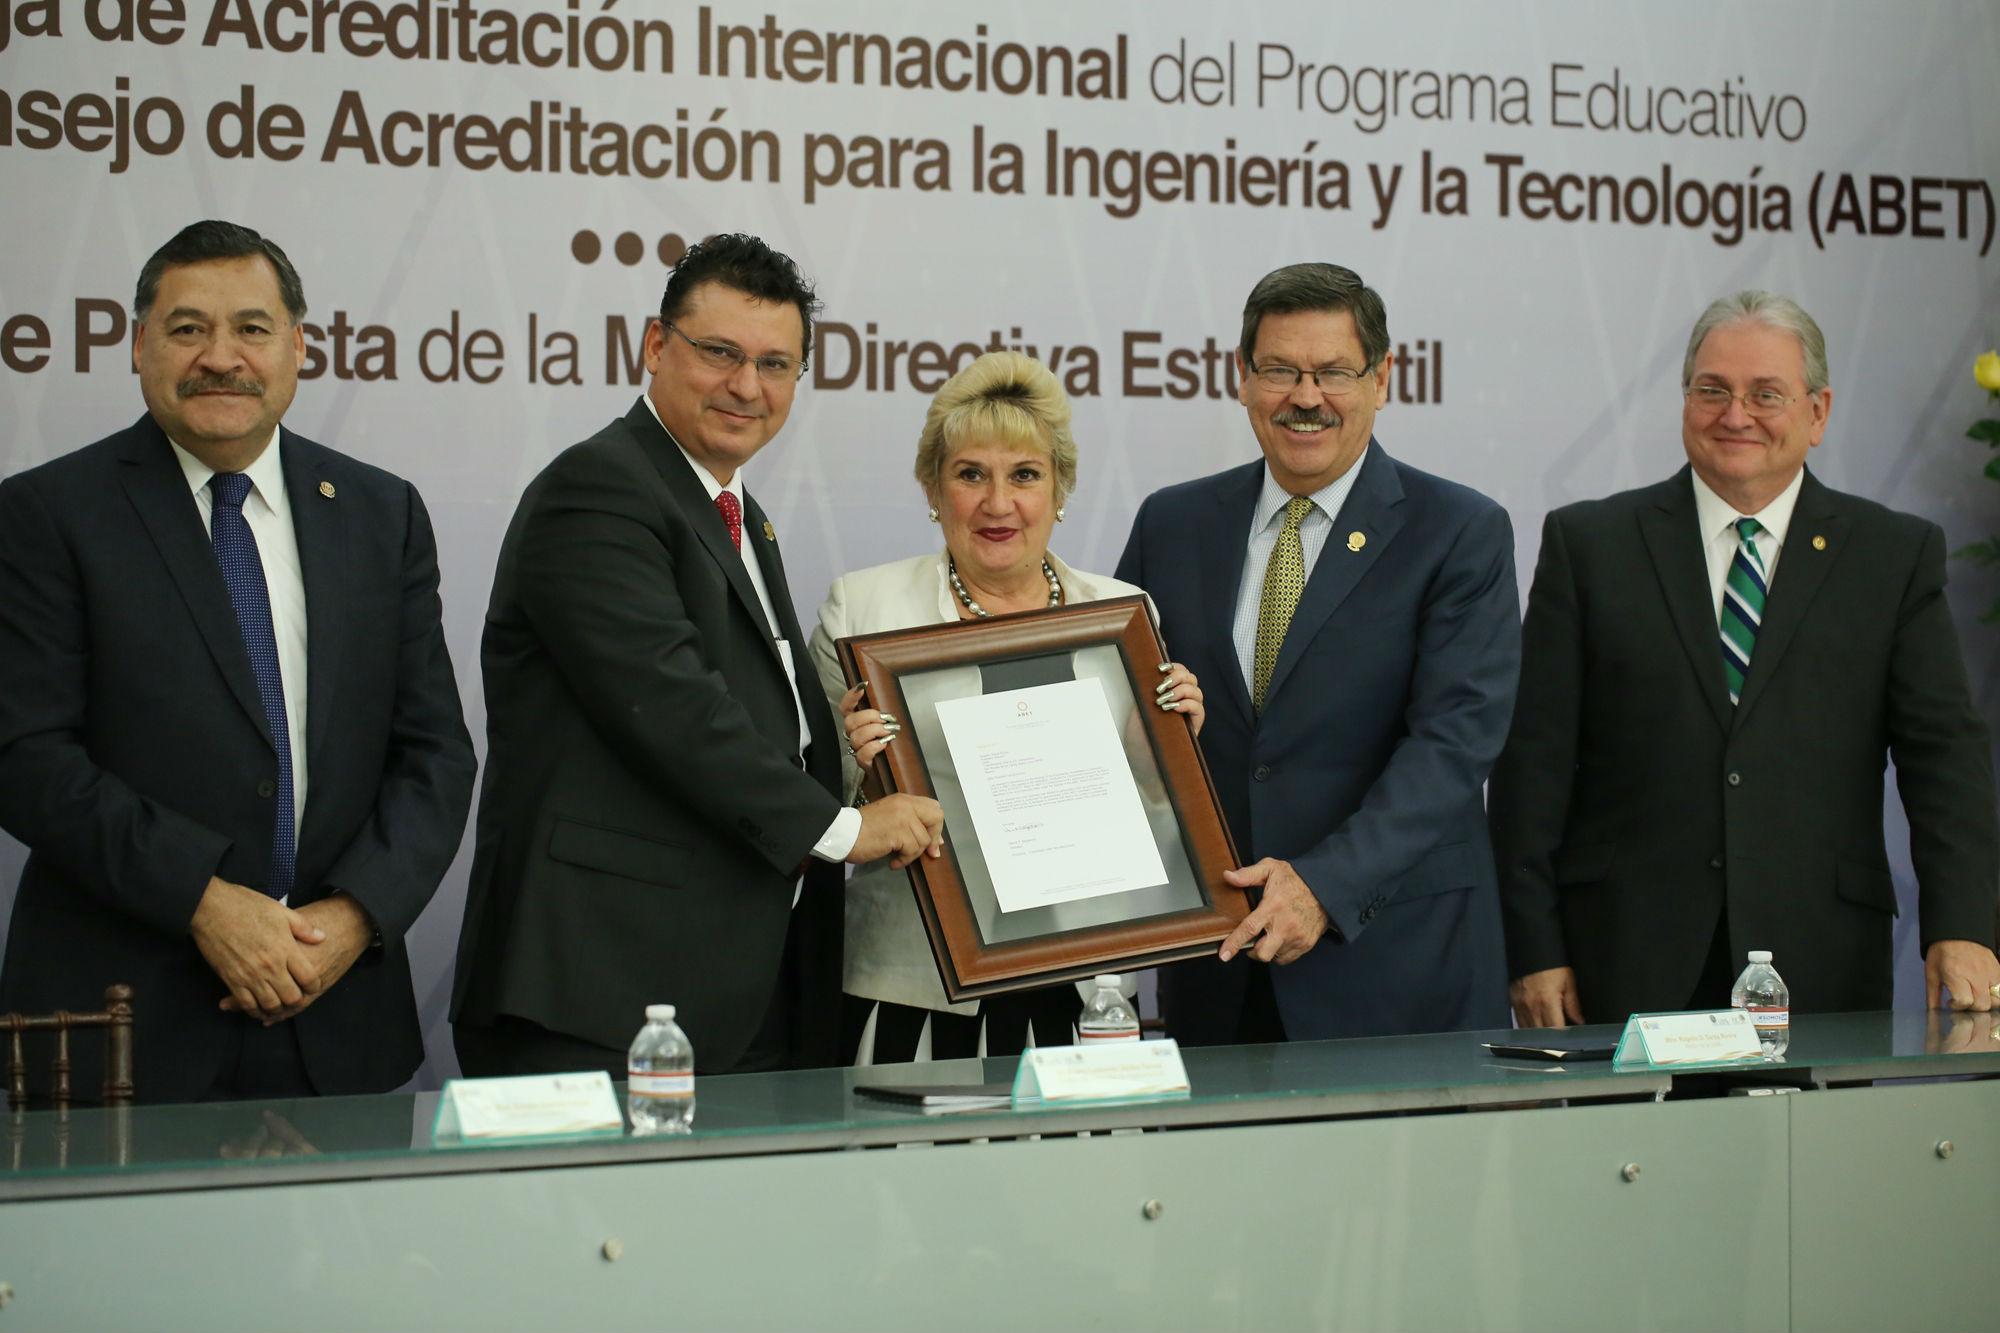 Entrega de la acreditación internacional